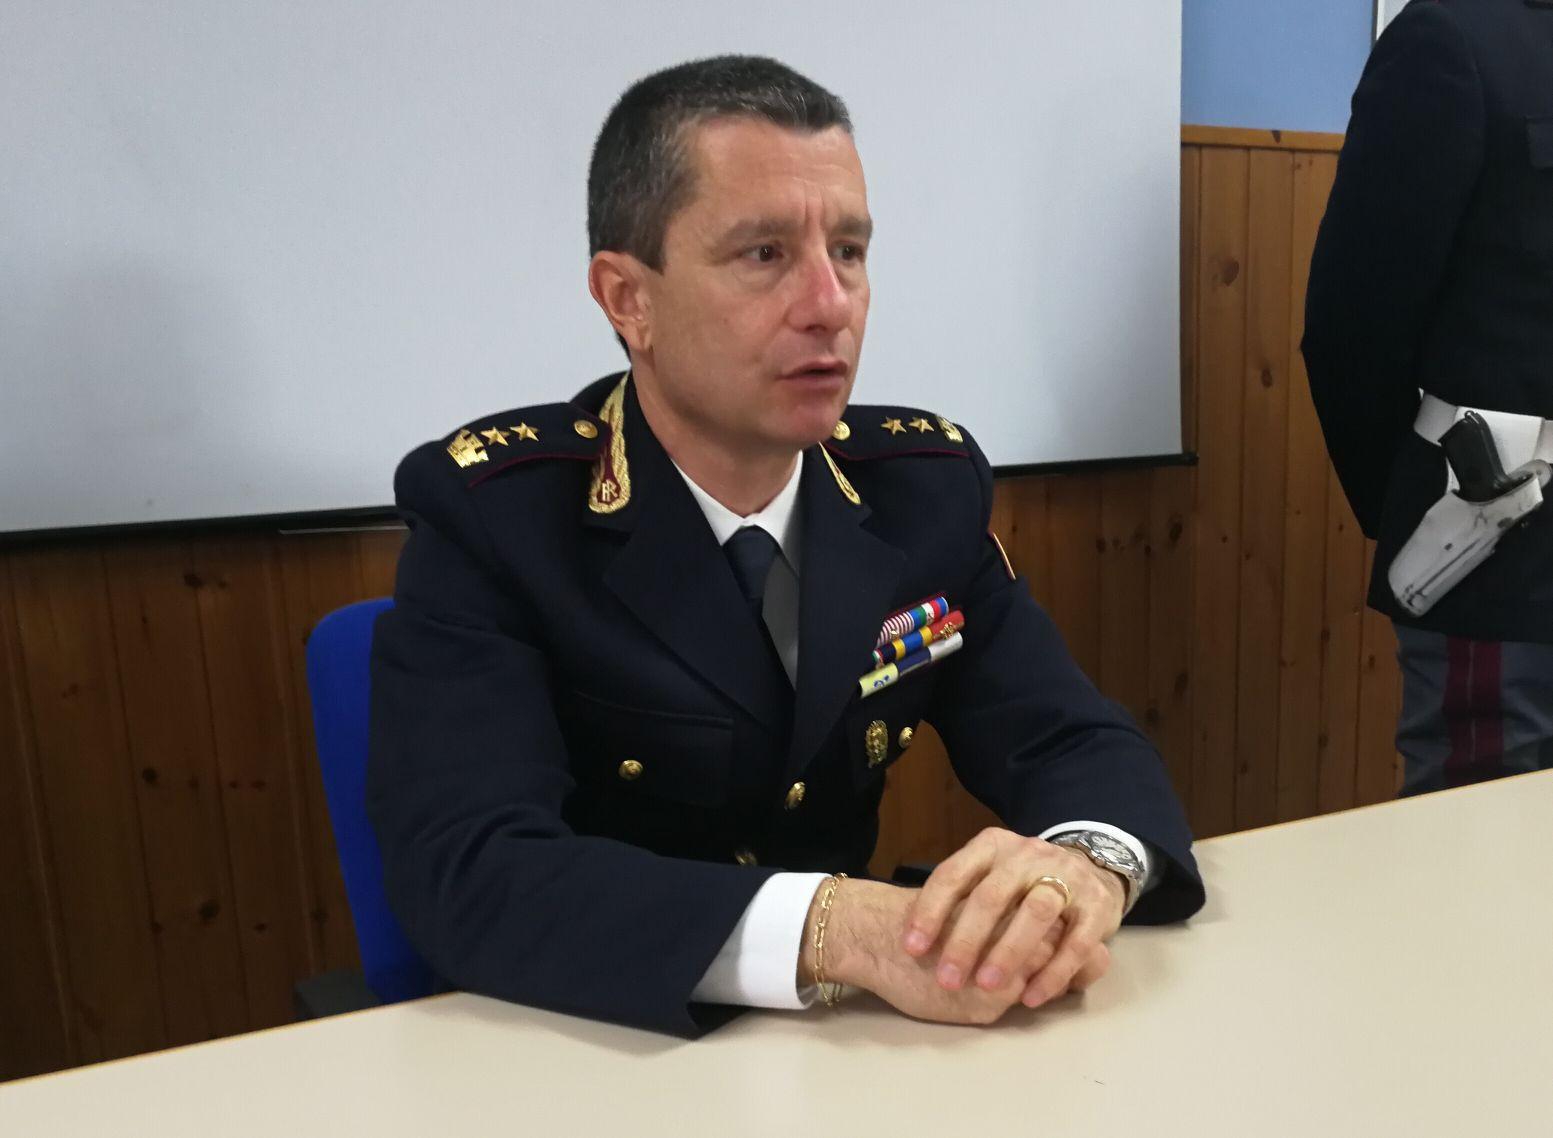 Polizia stradale presentato il nuovo vice questore di for Questura di polizia